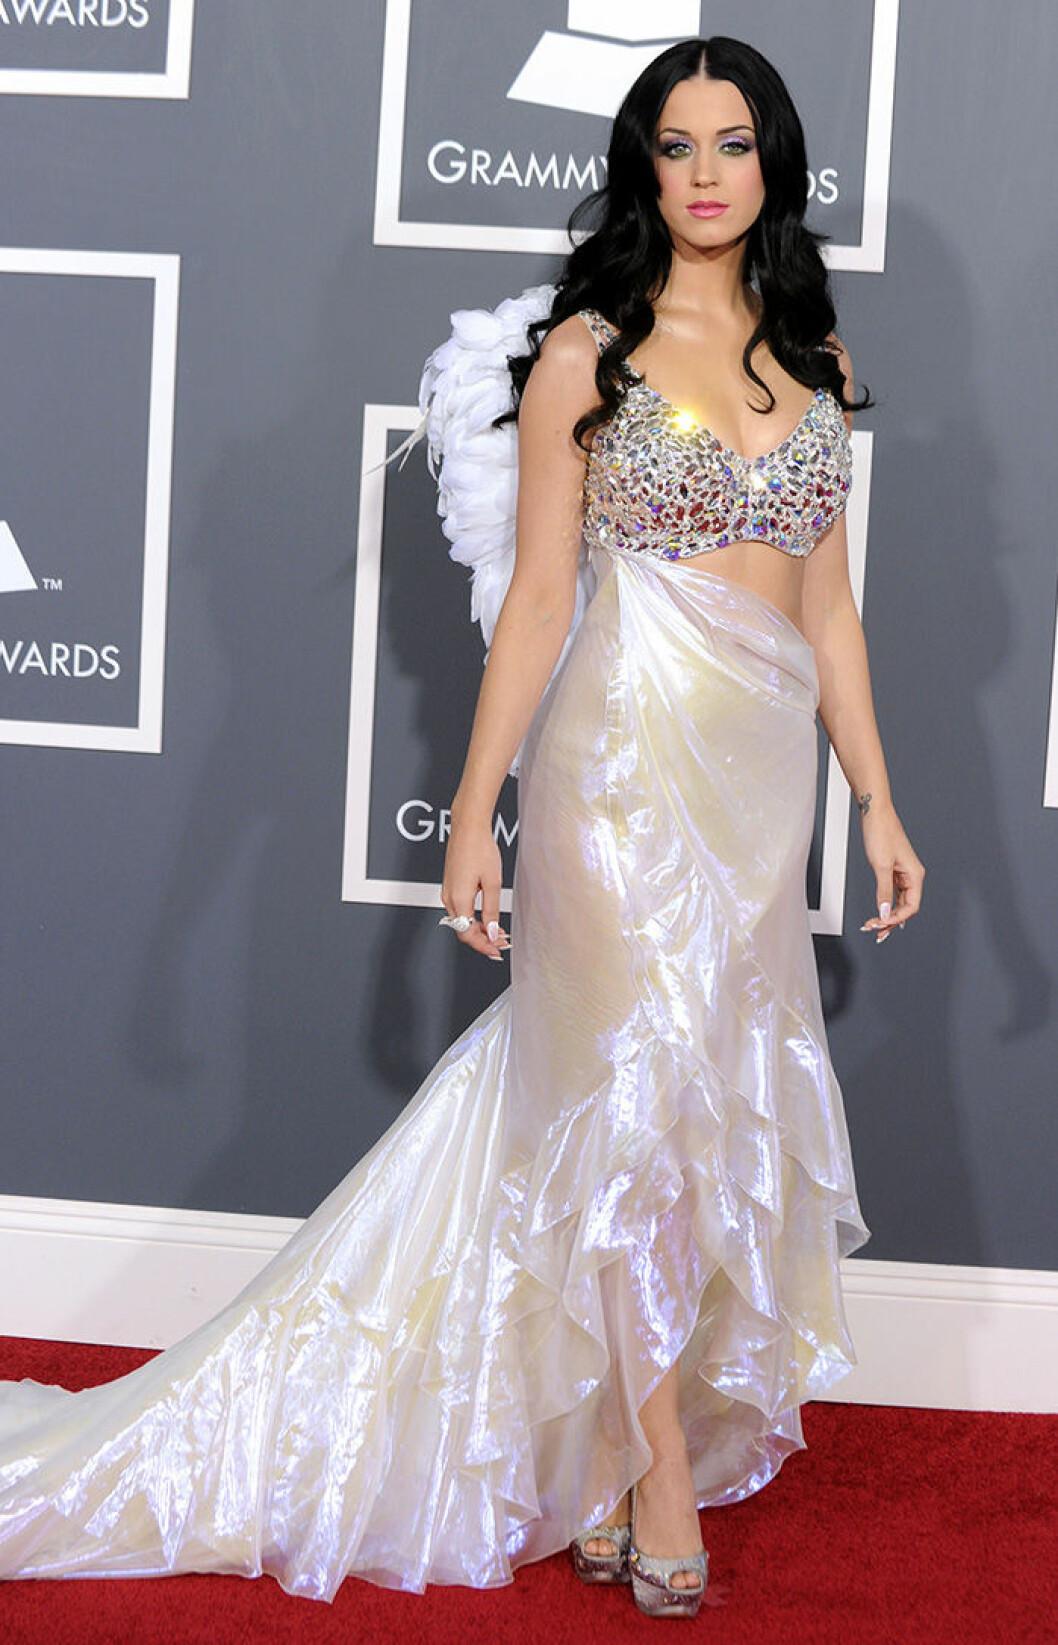 En bild på sångerskan Katy Perry på Grammy Awards 2011.